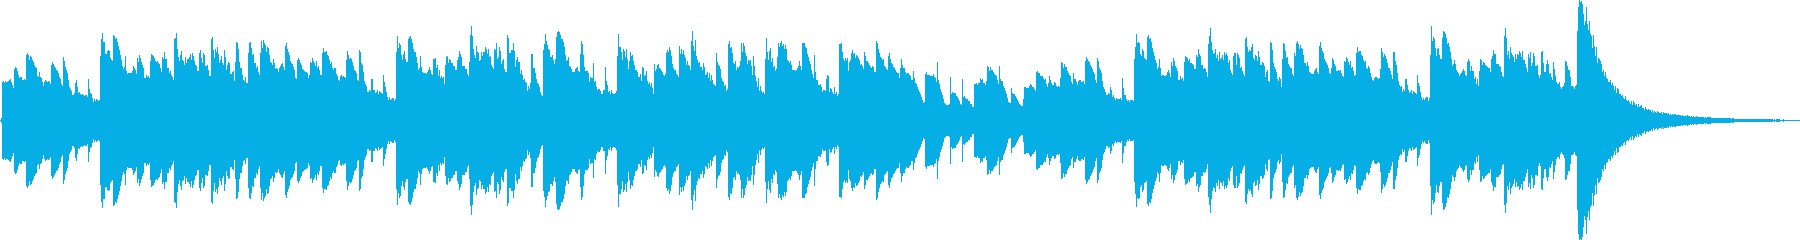 エリーゼのために ベートーヴェンの再生済みの波形